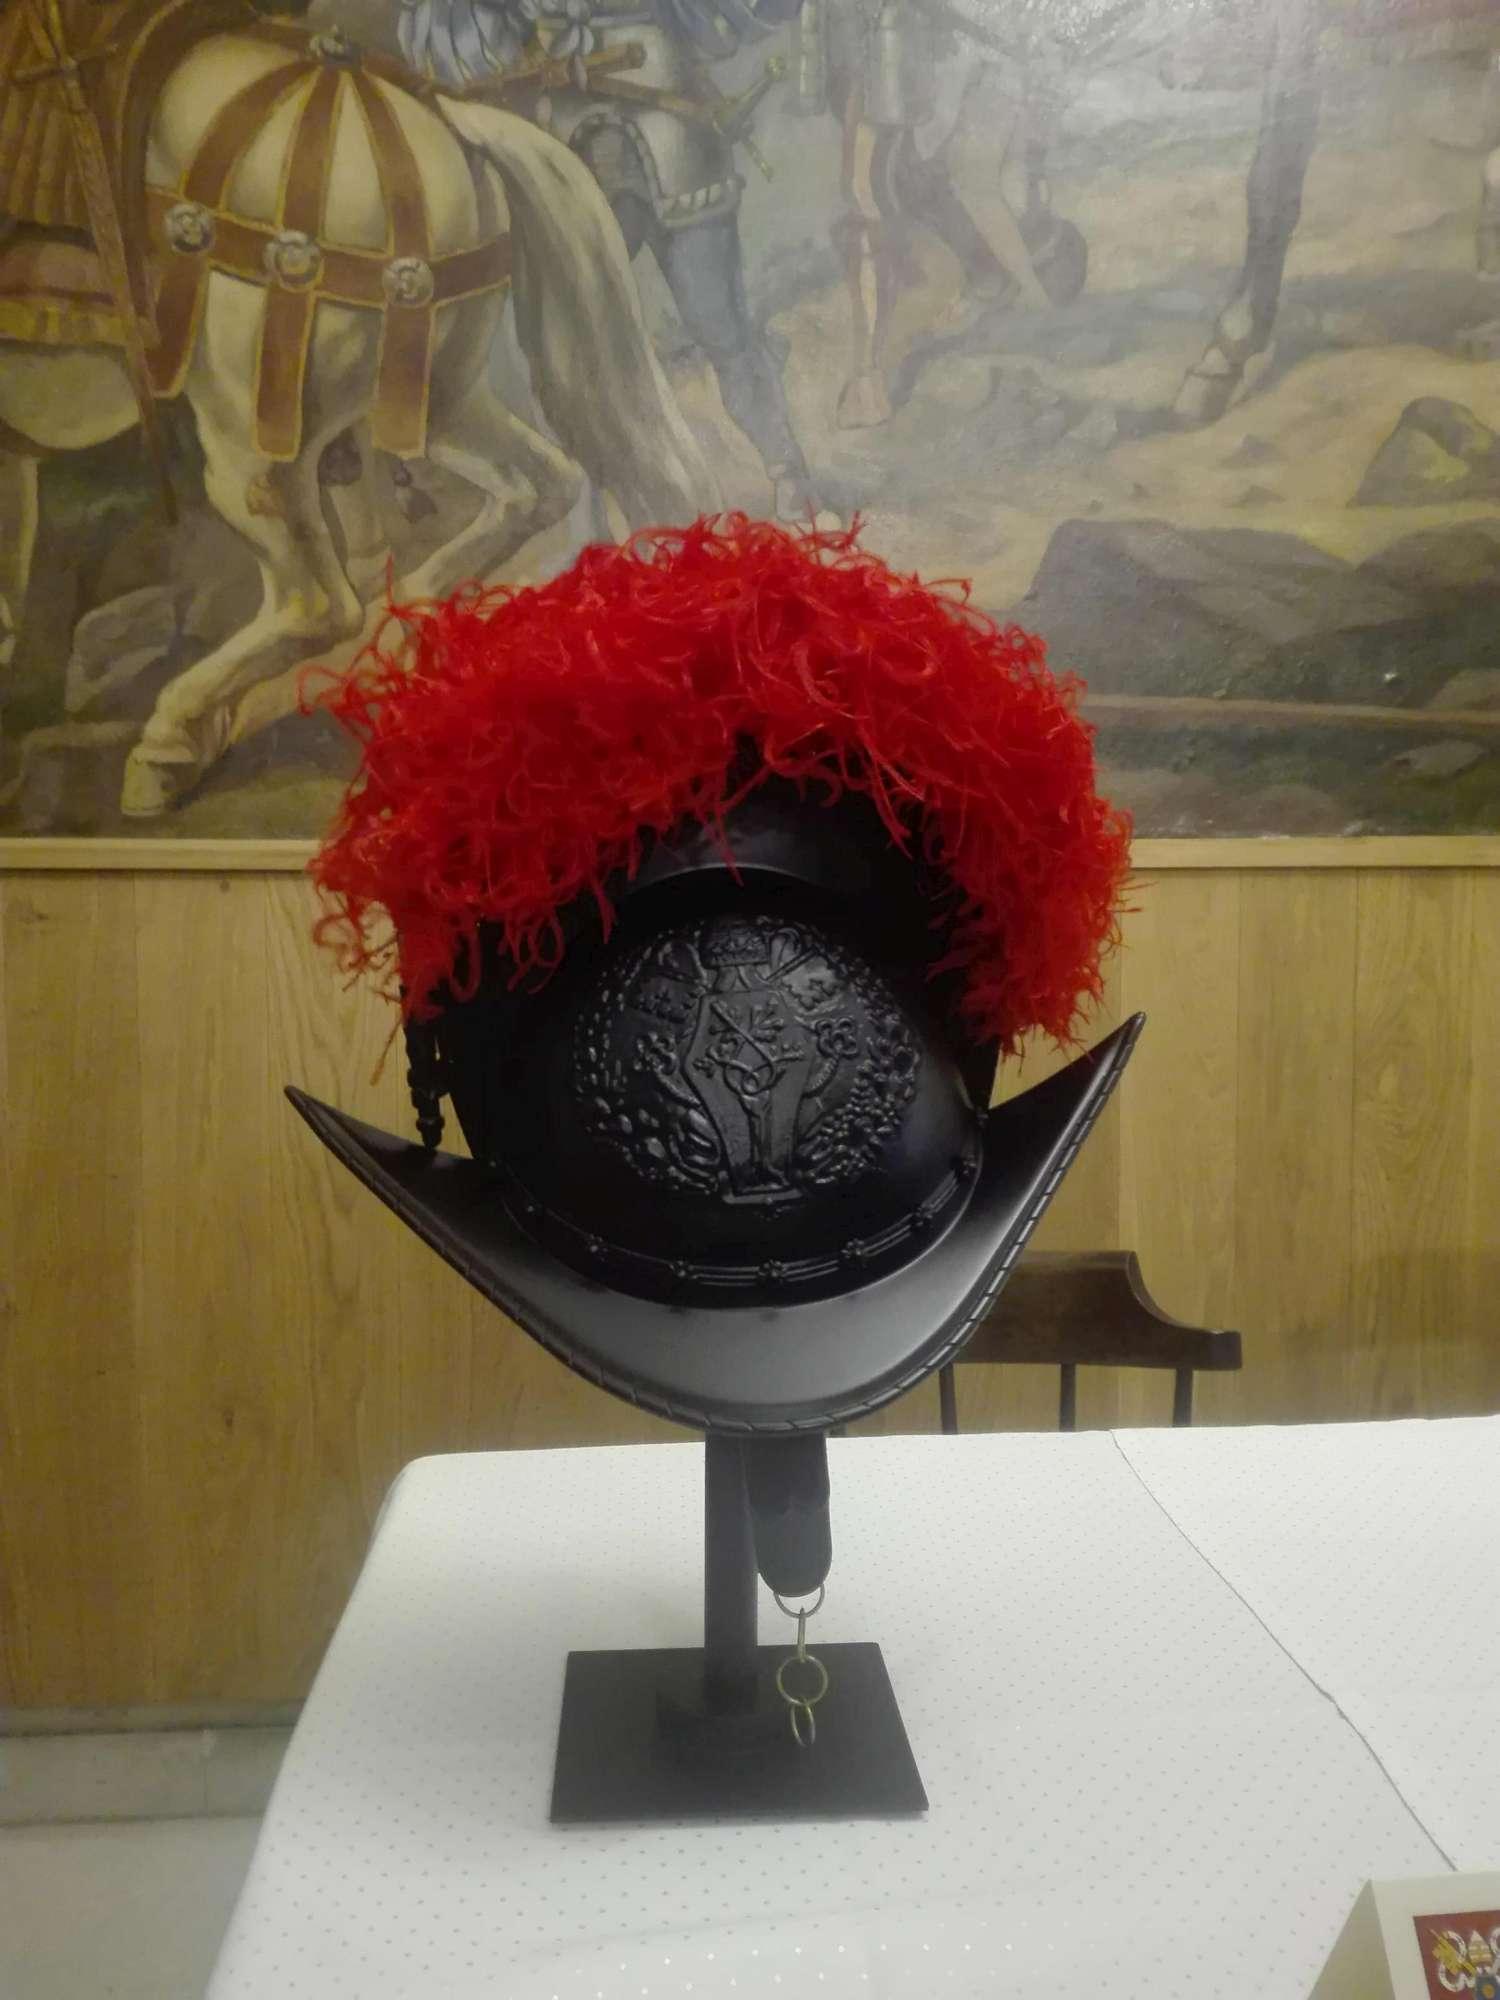 Nuovo casco per le Guardie Svizzere del Papa: in pvc e low cost